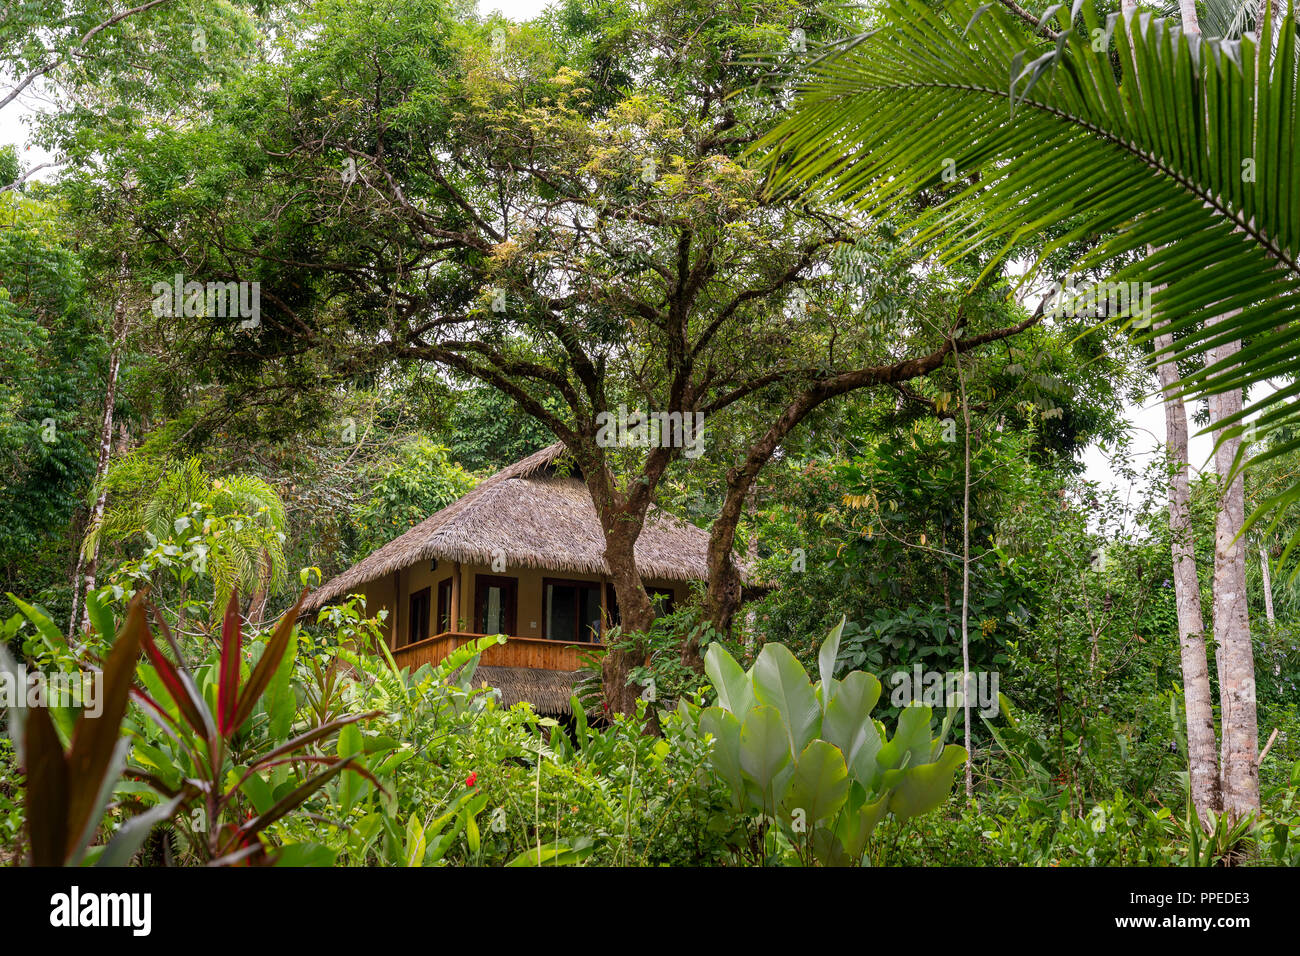 La selva tropical, el Parque Nacional Corcovado, Península de Osa, Costa Rica Imagen De Stock